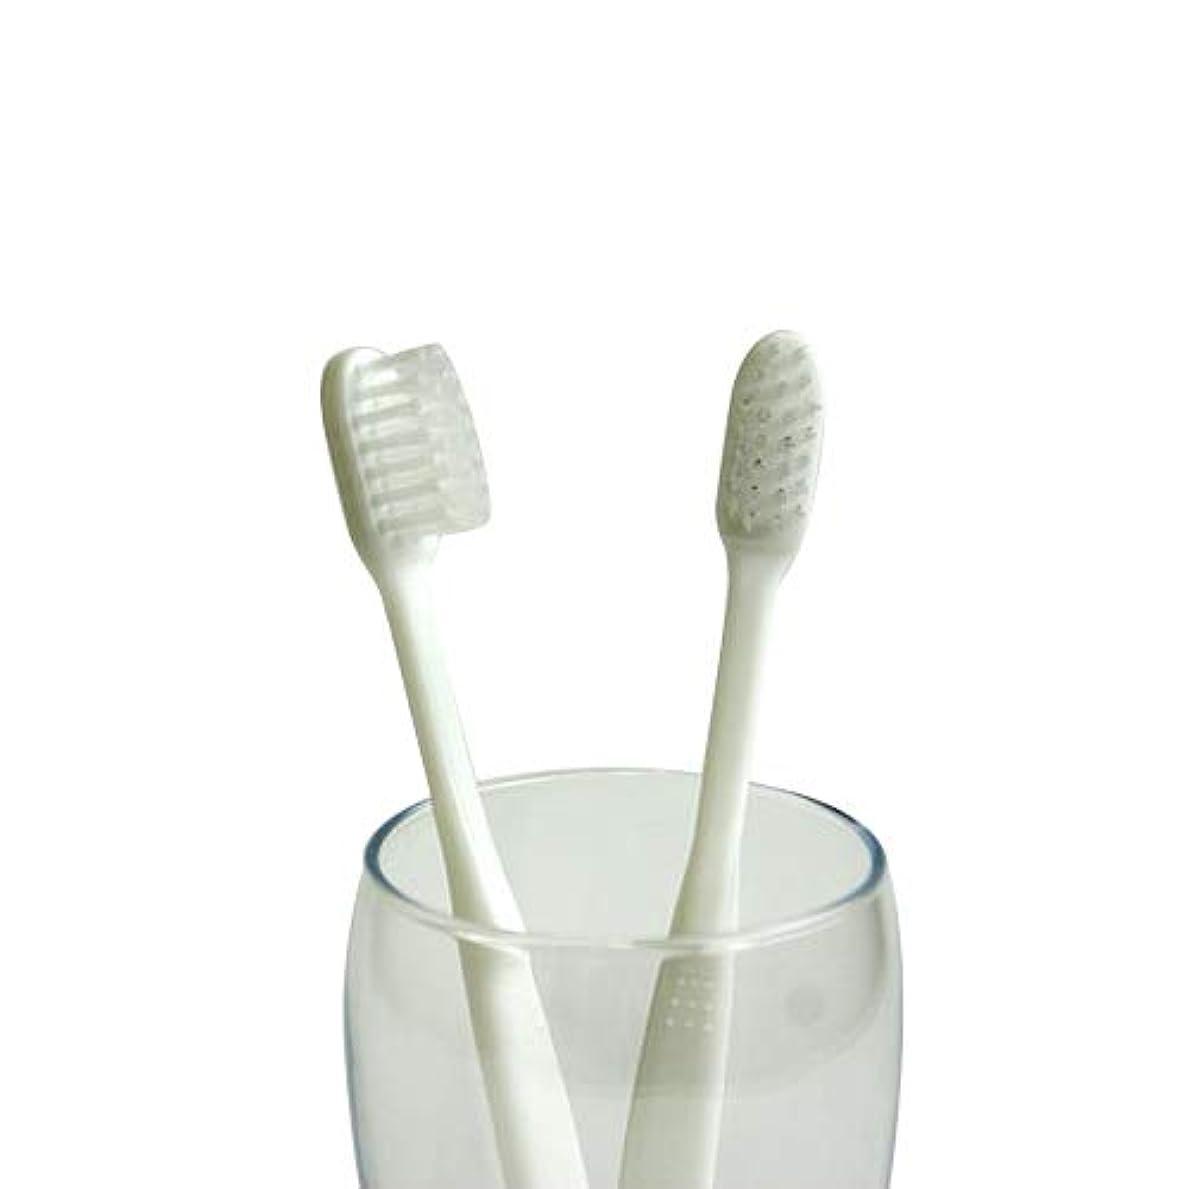 ガラス秘書ペパーミント業務用使い捨て歯ブラシ(ハミガキ粉無し) 100本入り│口腔衛生用 清掃用 掃除用 工業用 ハブラシ はぶらし